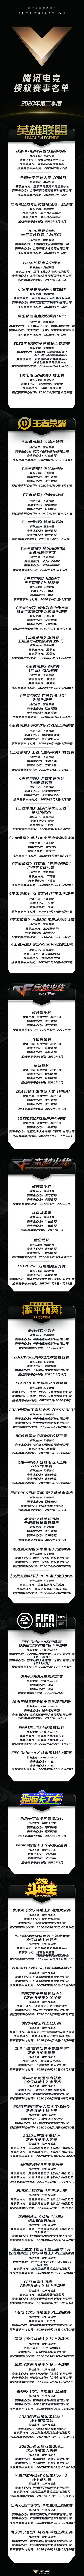 为规范和助力赛事的发展 腾讯电竞发布当季授权的赛事名单